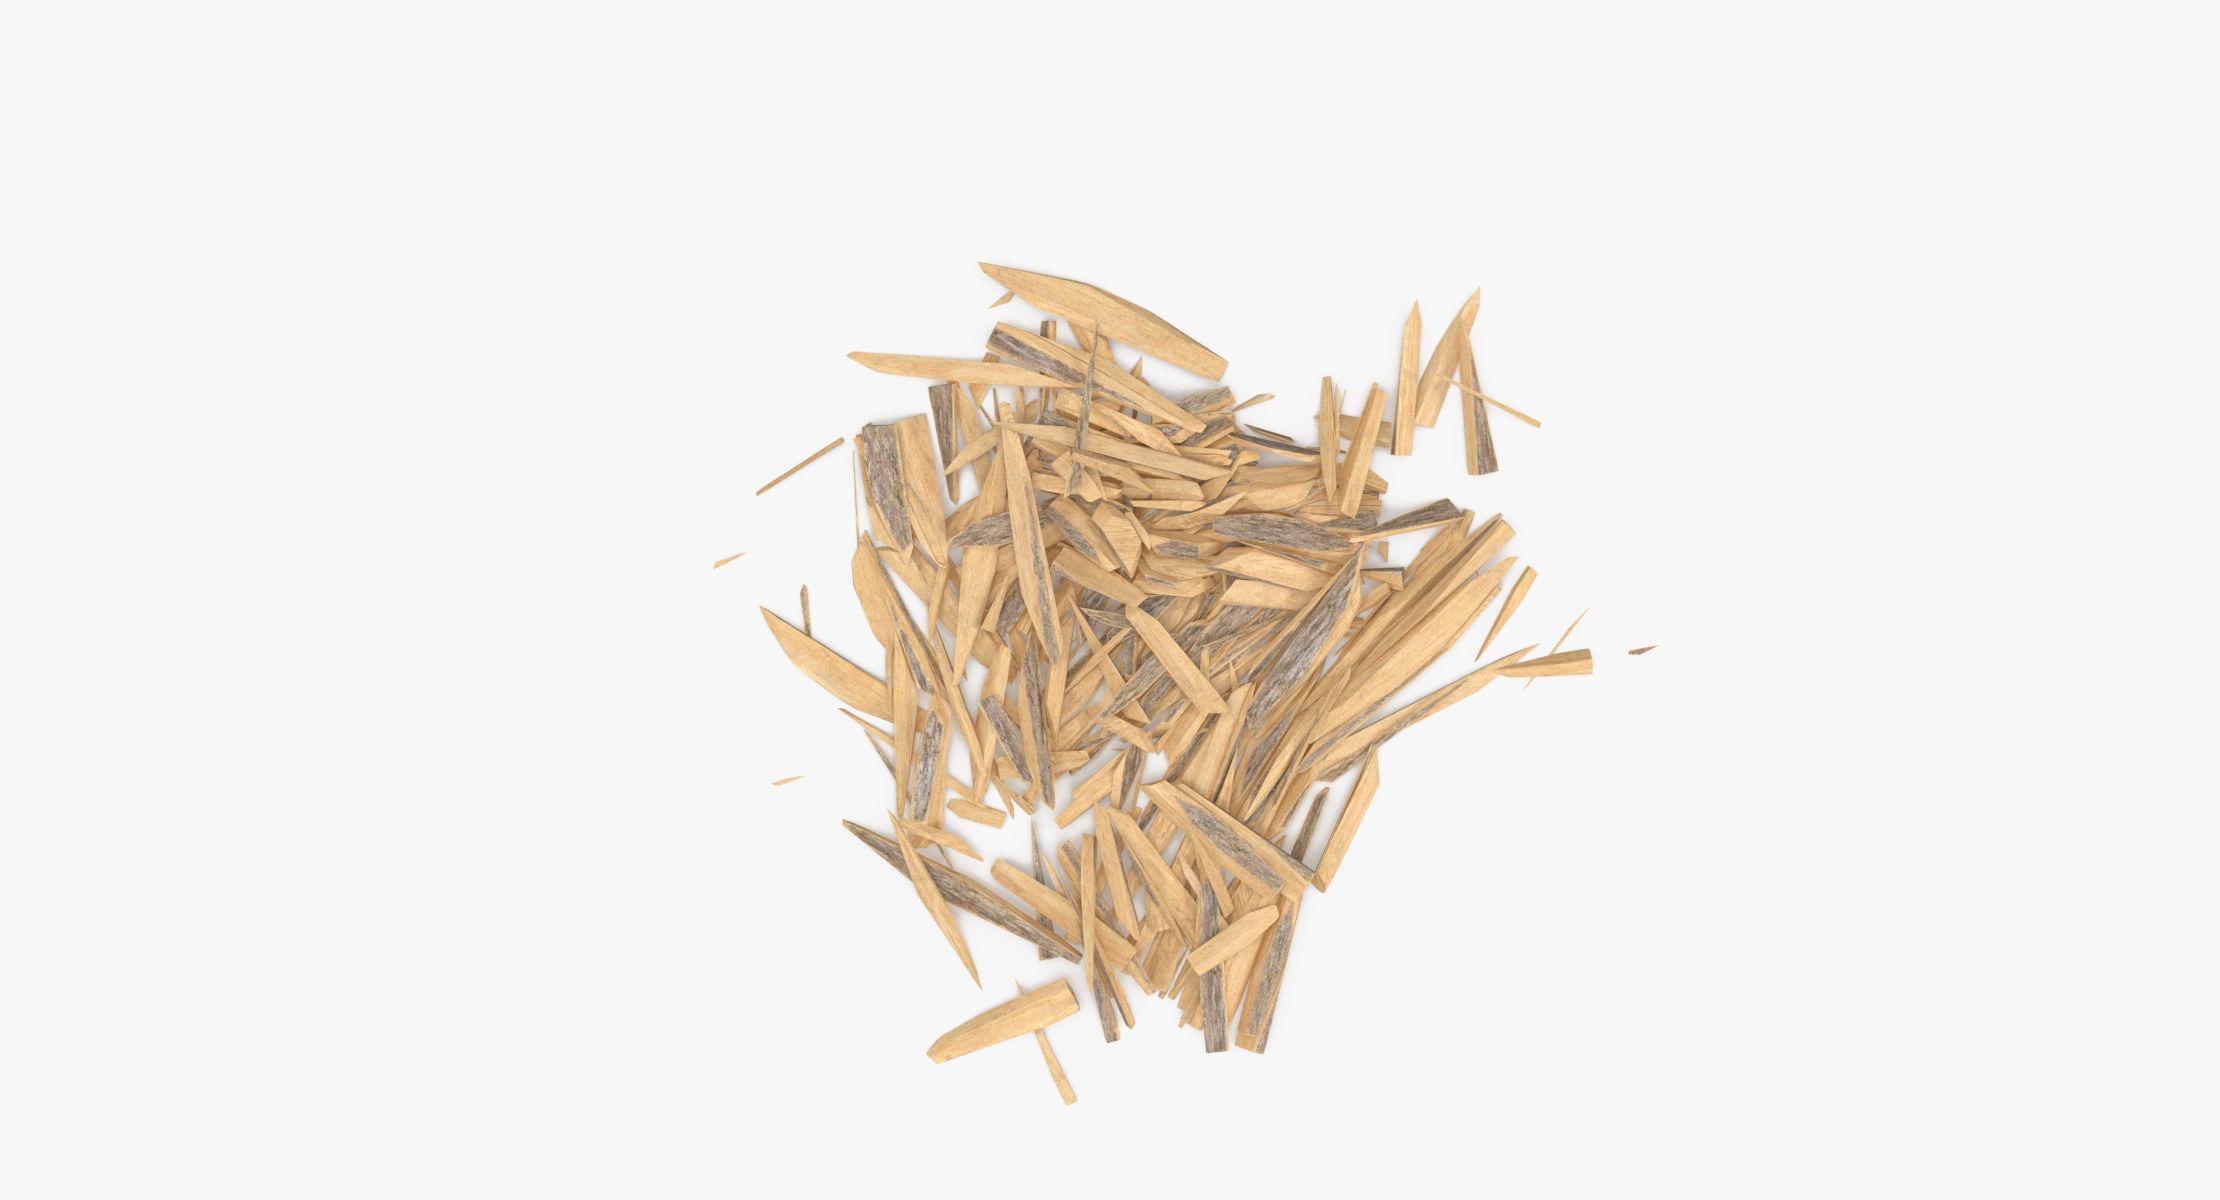 Splintered Wood 03 - reel 1